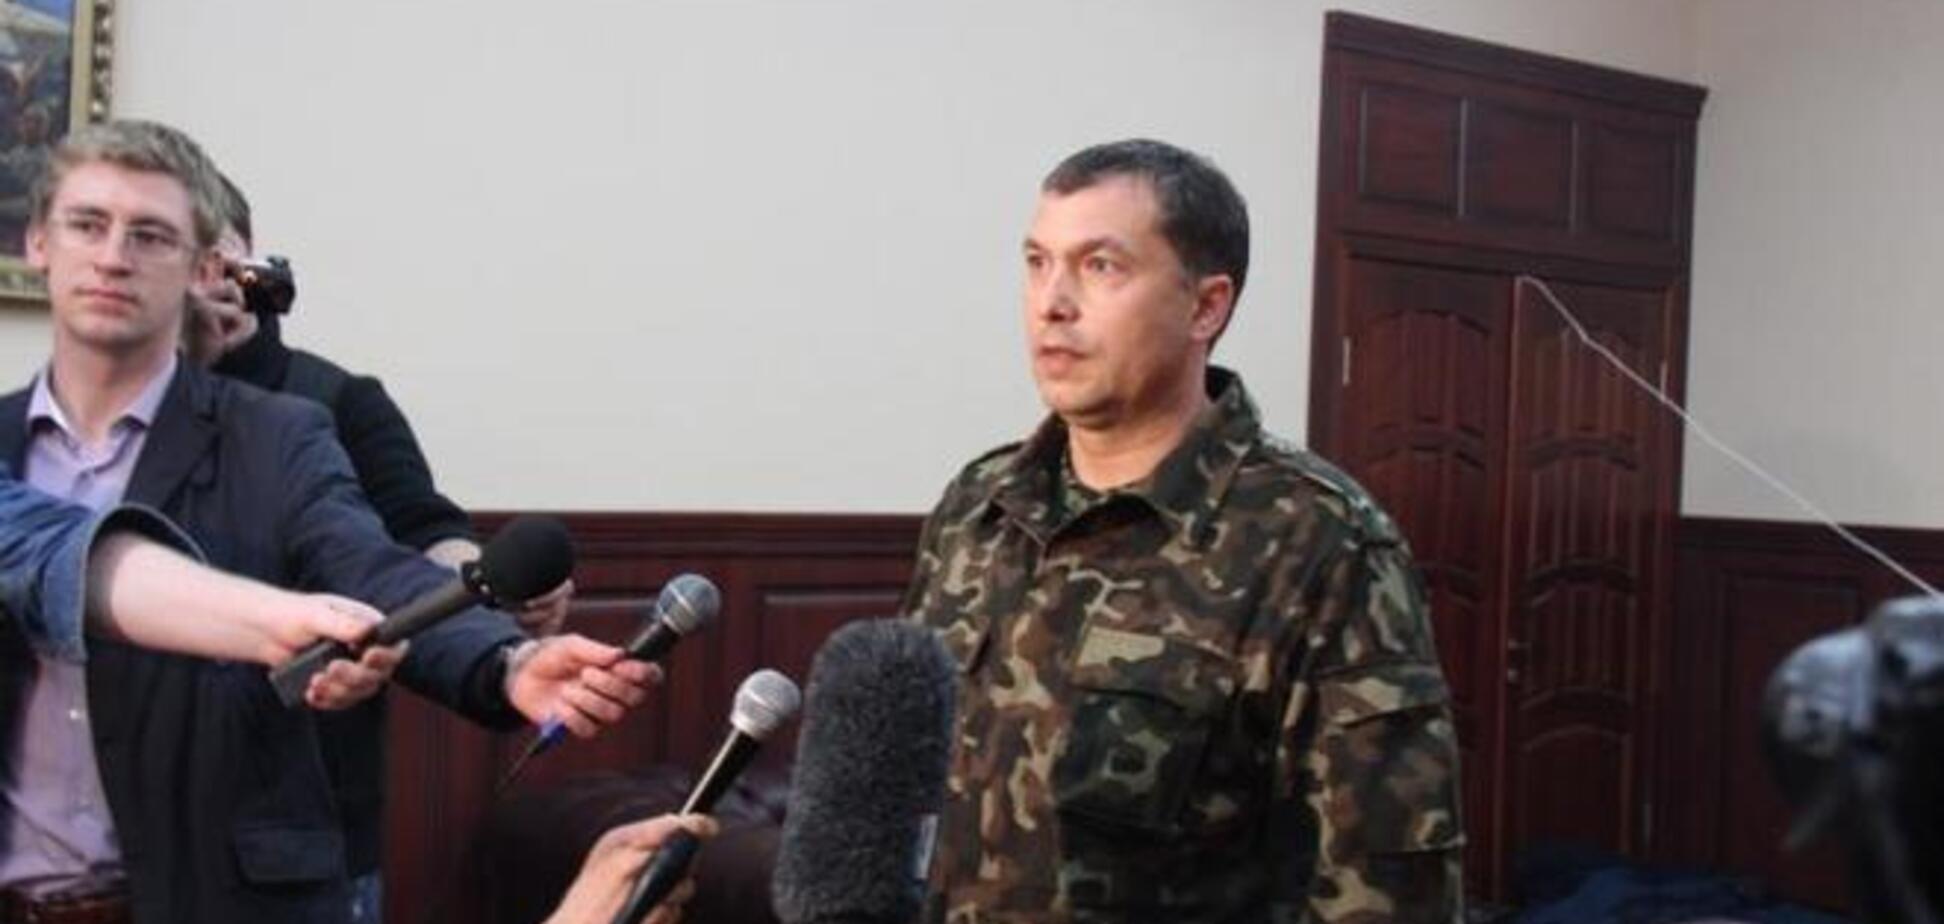 Госпогранслужба подтвердила выезд в Россию 'губернатора Луганщины'. Турчинов требует объяснений